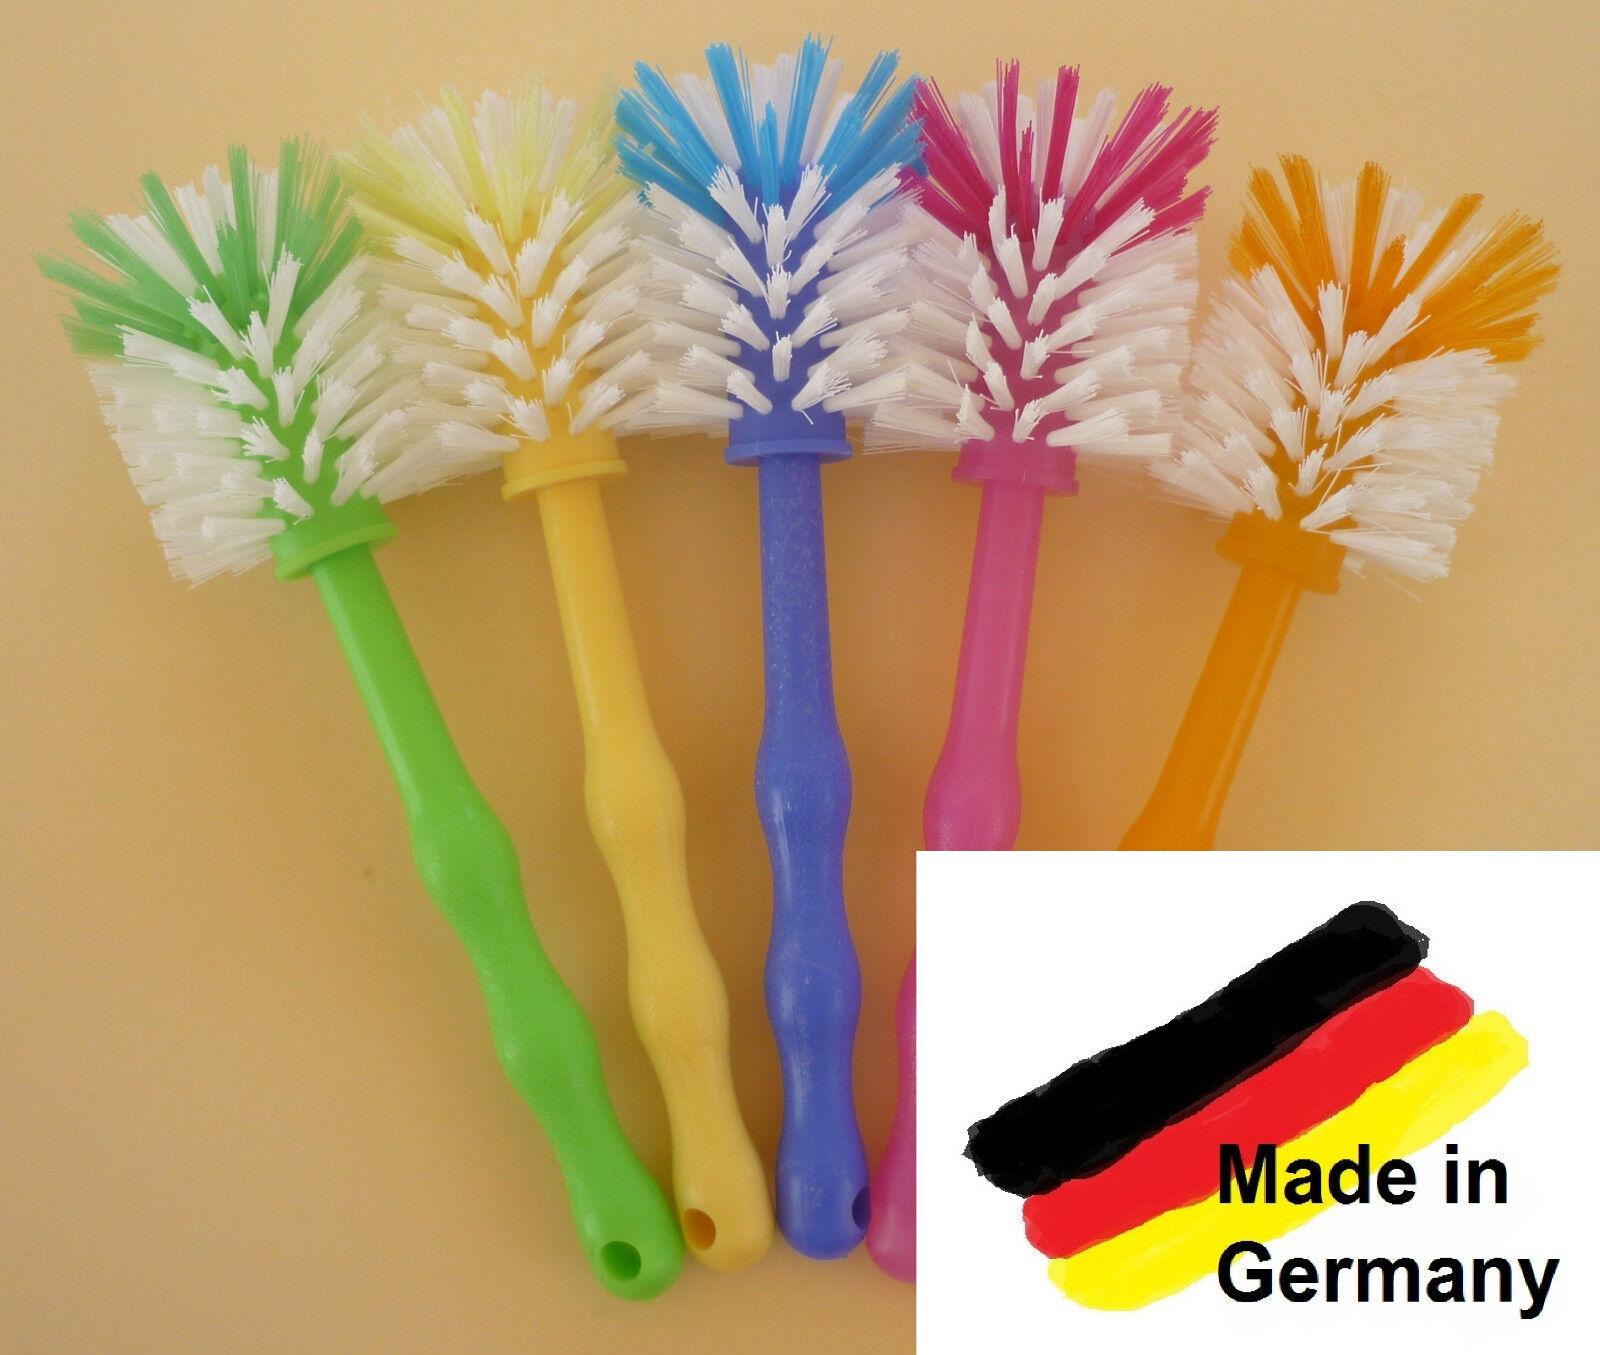 5 St Bürste Reinigungsbürste Klobürste, ideal für Thermomix / Töpfe/ TM31 / TM5